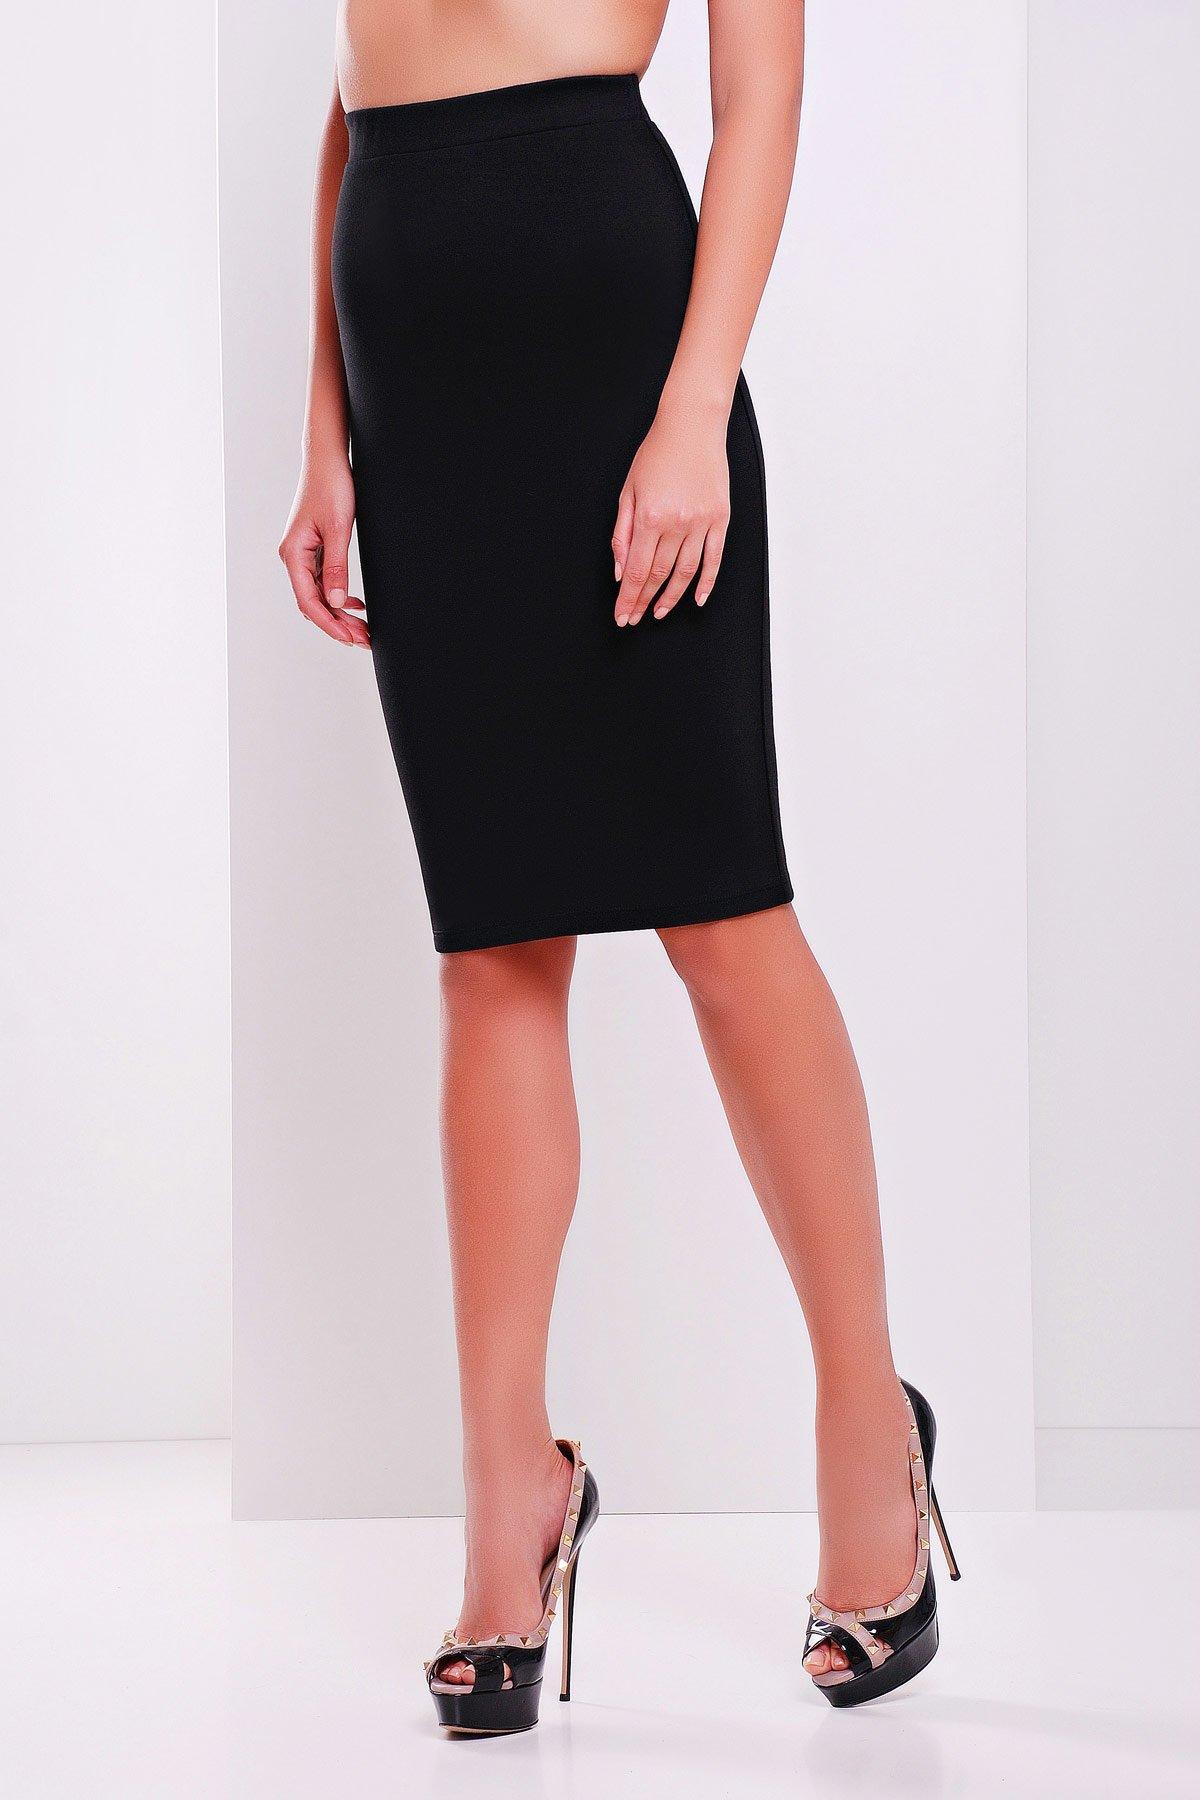 ef71c87719a Черная юбка-карандаш из французского трикотажа №20 - купить недорого ...